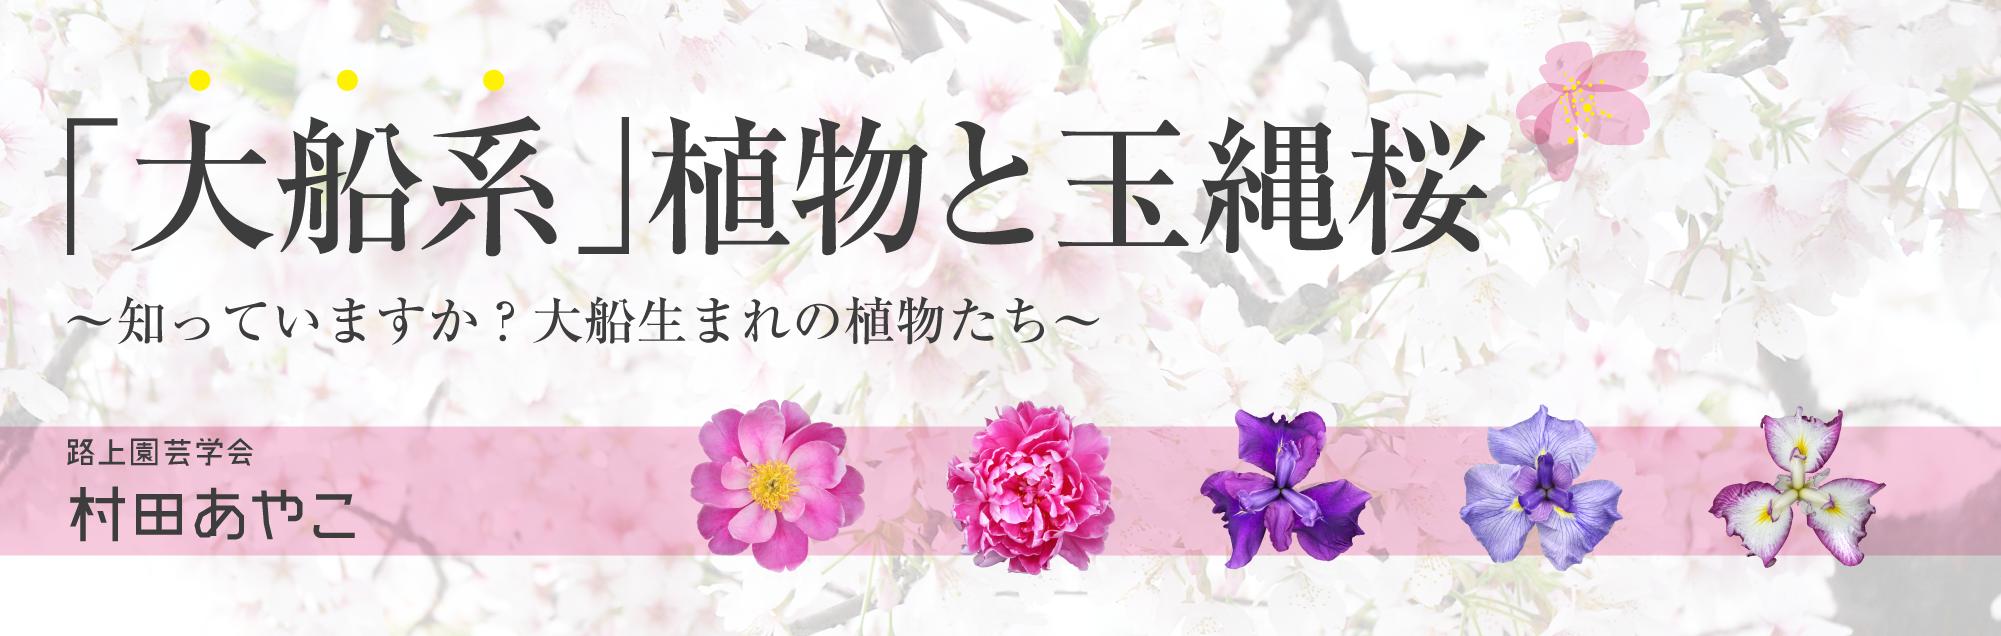 「大船系」植物と玉縄桜~知っていますか?大船生まれの植物たち~ 村田あやこ(大船系植物編)